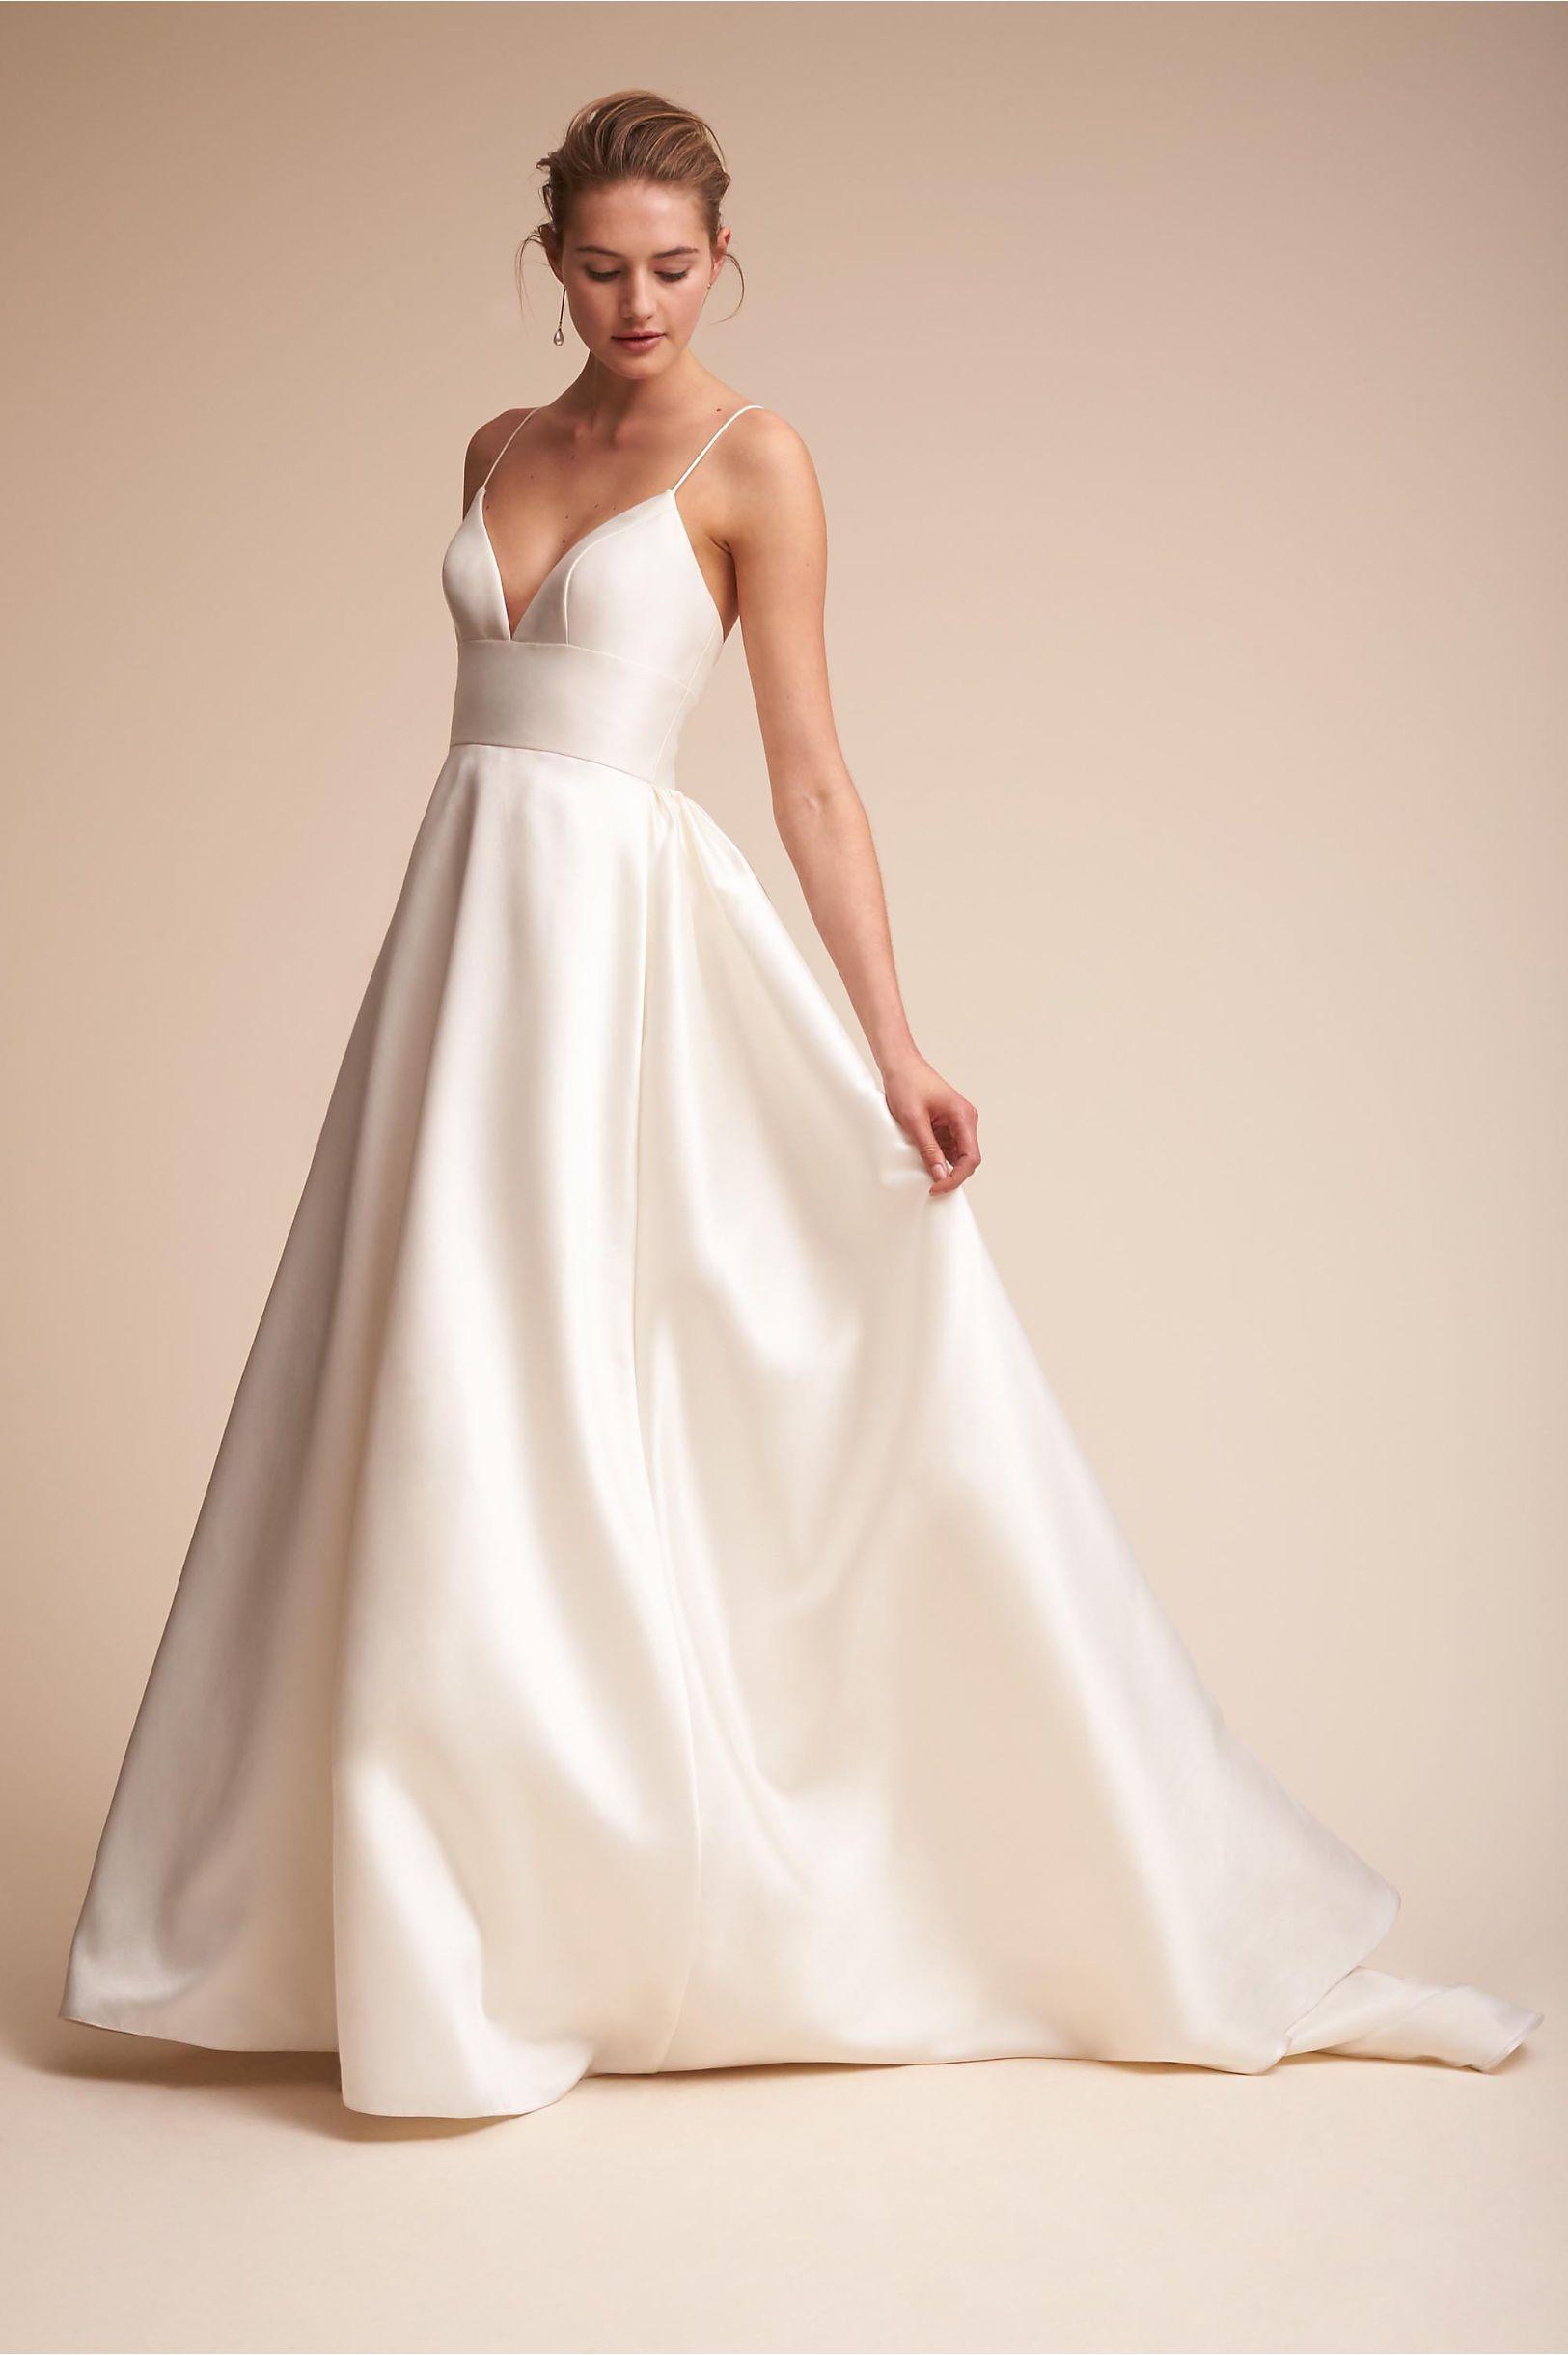 BHLDN Opaline Ballgown in Bride Wedding Dresses Preorder Gowns | BHLDN